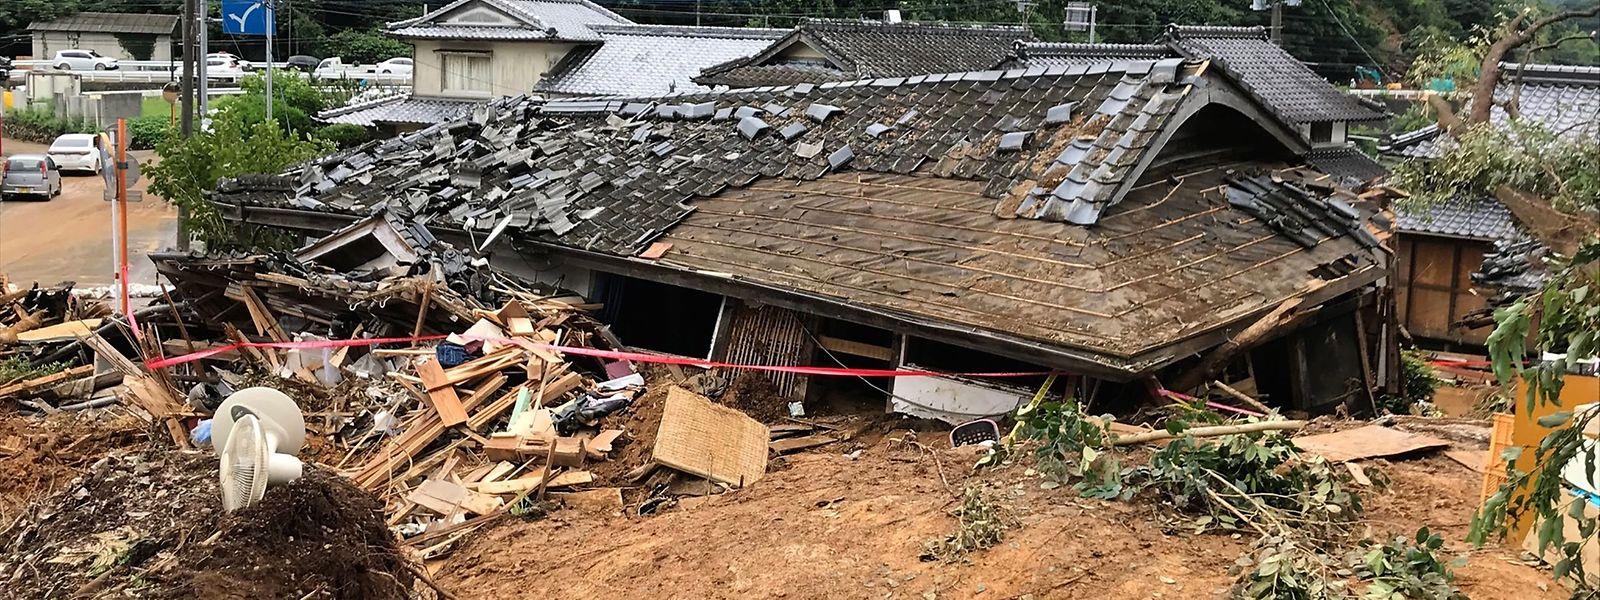 Schwerer Regen hat in weiten Gebieten der Provinzen Kumamoto sowie Kagoshima auf Japans südwestlicher Hauptinsel Kyushu schwere Überflutungen und Erdrutsche ausgelöst.